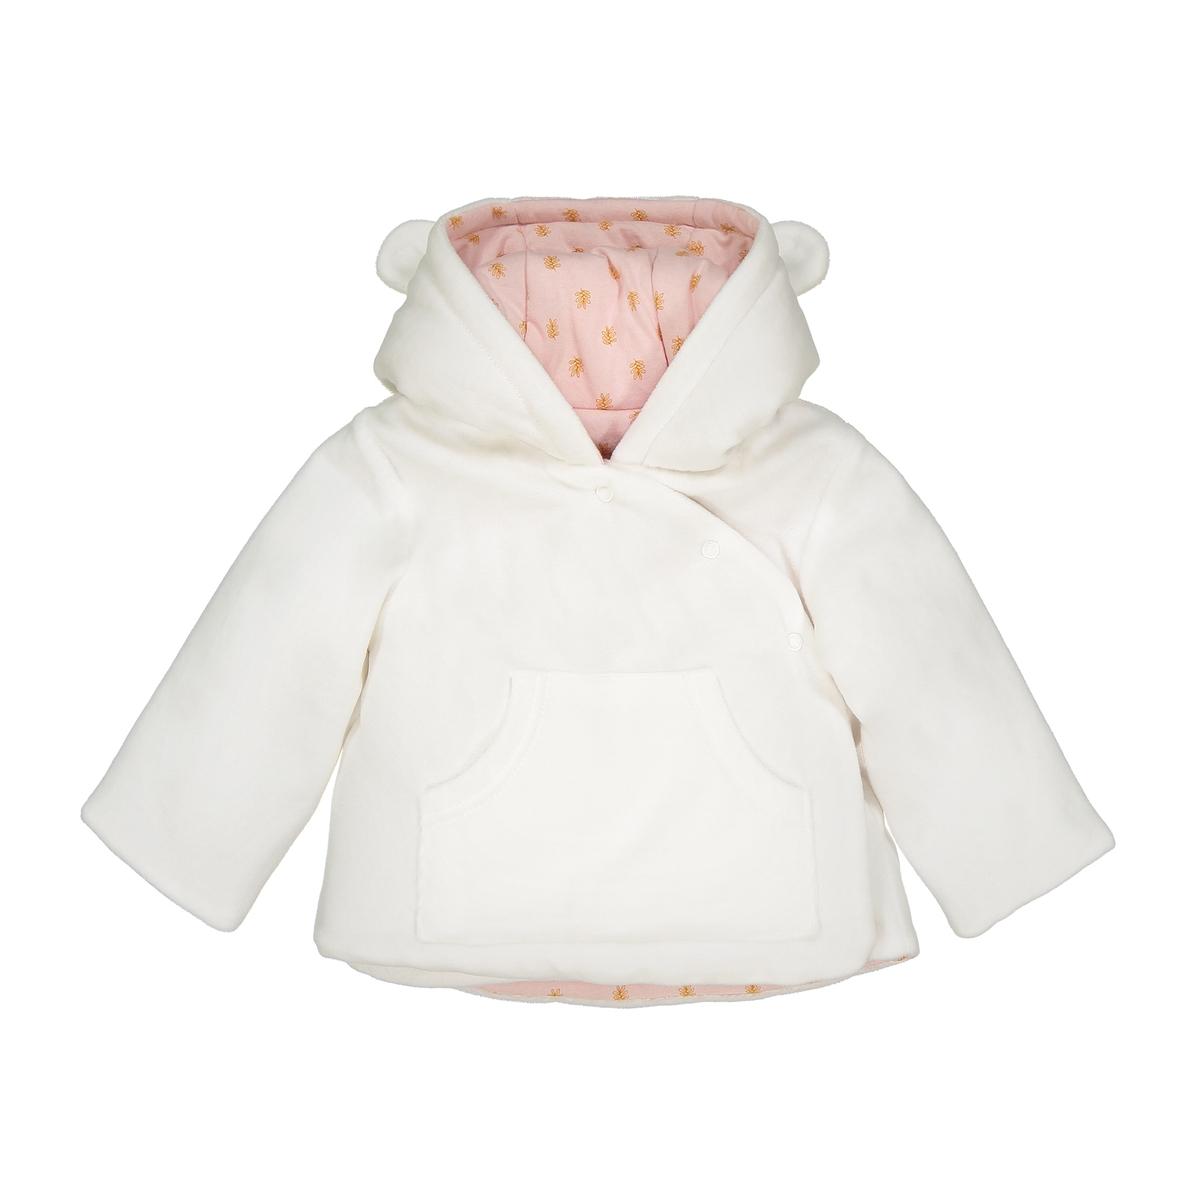 Кардиган La Redoute Для новорожденных с капюшоном из велюра мес - года 18 мес. - 81 см бежевый пижамы la redoute из велюра мес года 0 мес 50 см синий